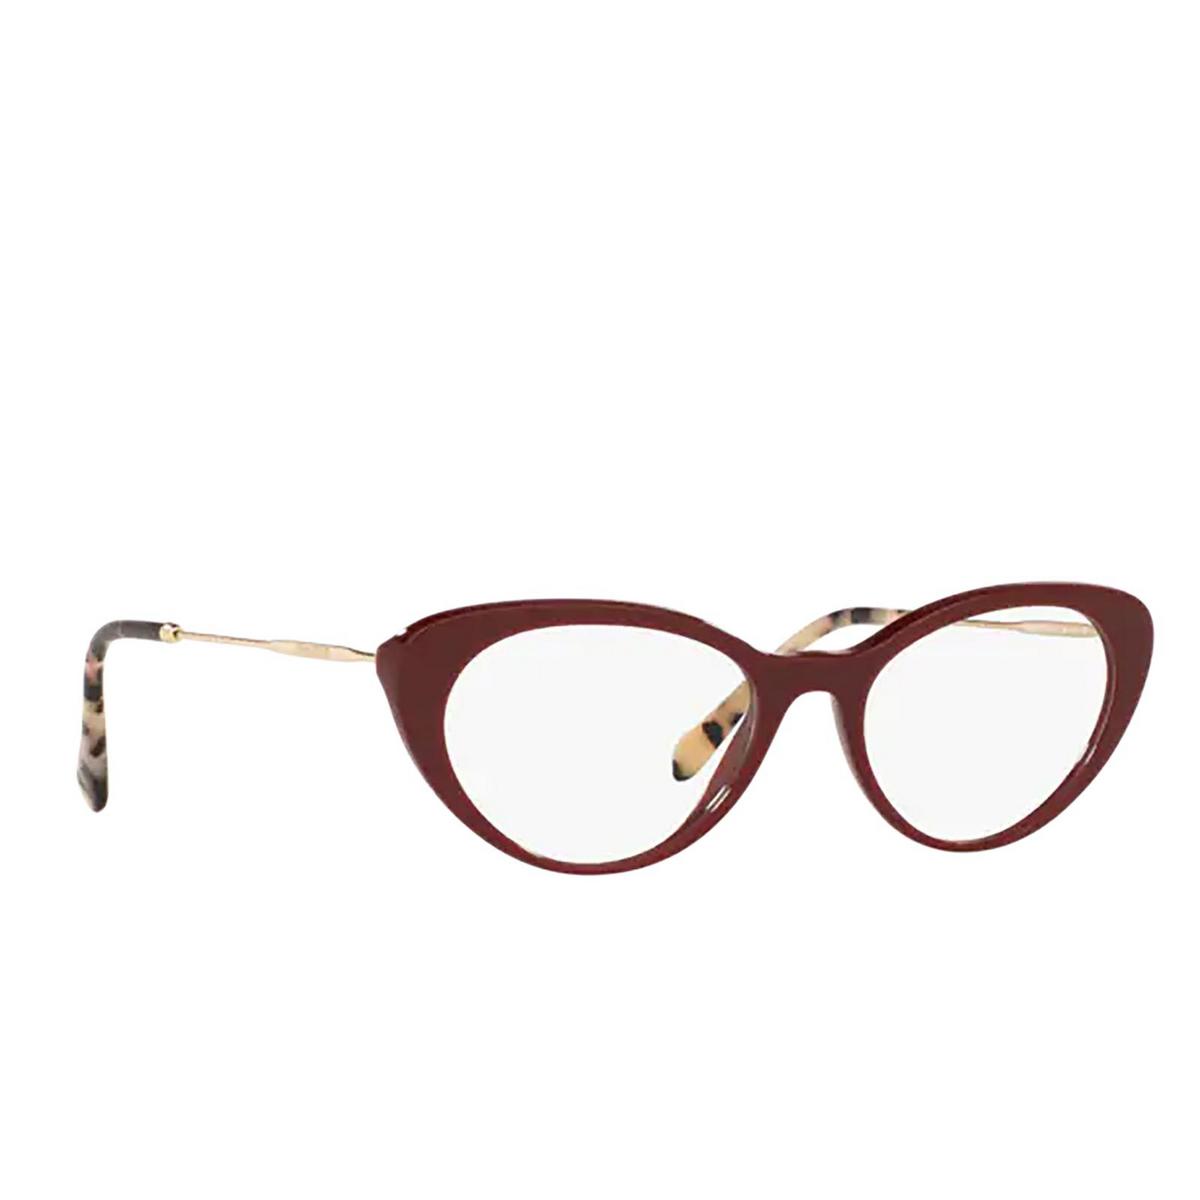 Miu Miu® Cat-eye Eyeglasses: MU 05RV color Bordeaux USH1O1 - three-quarters view.